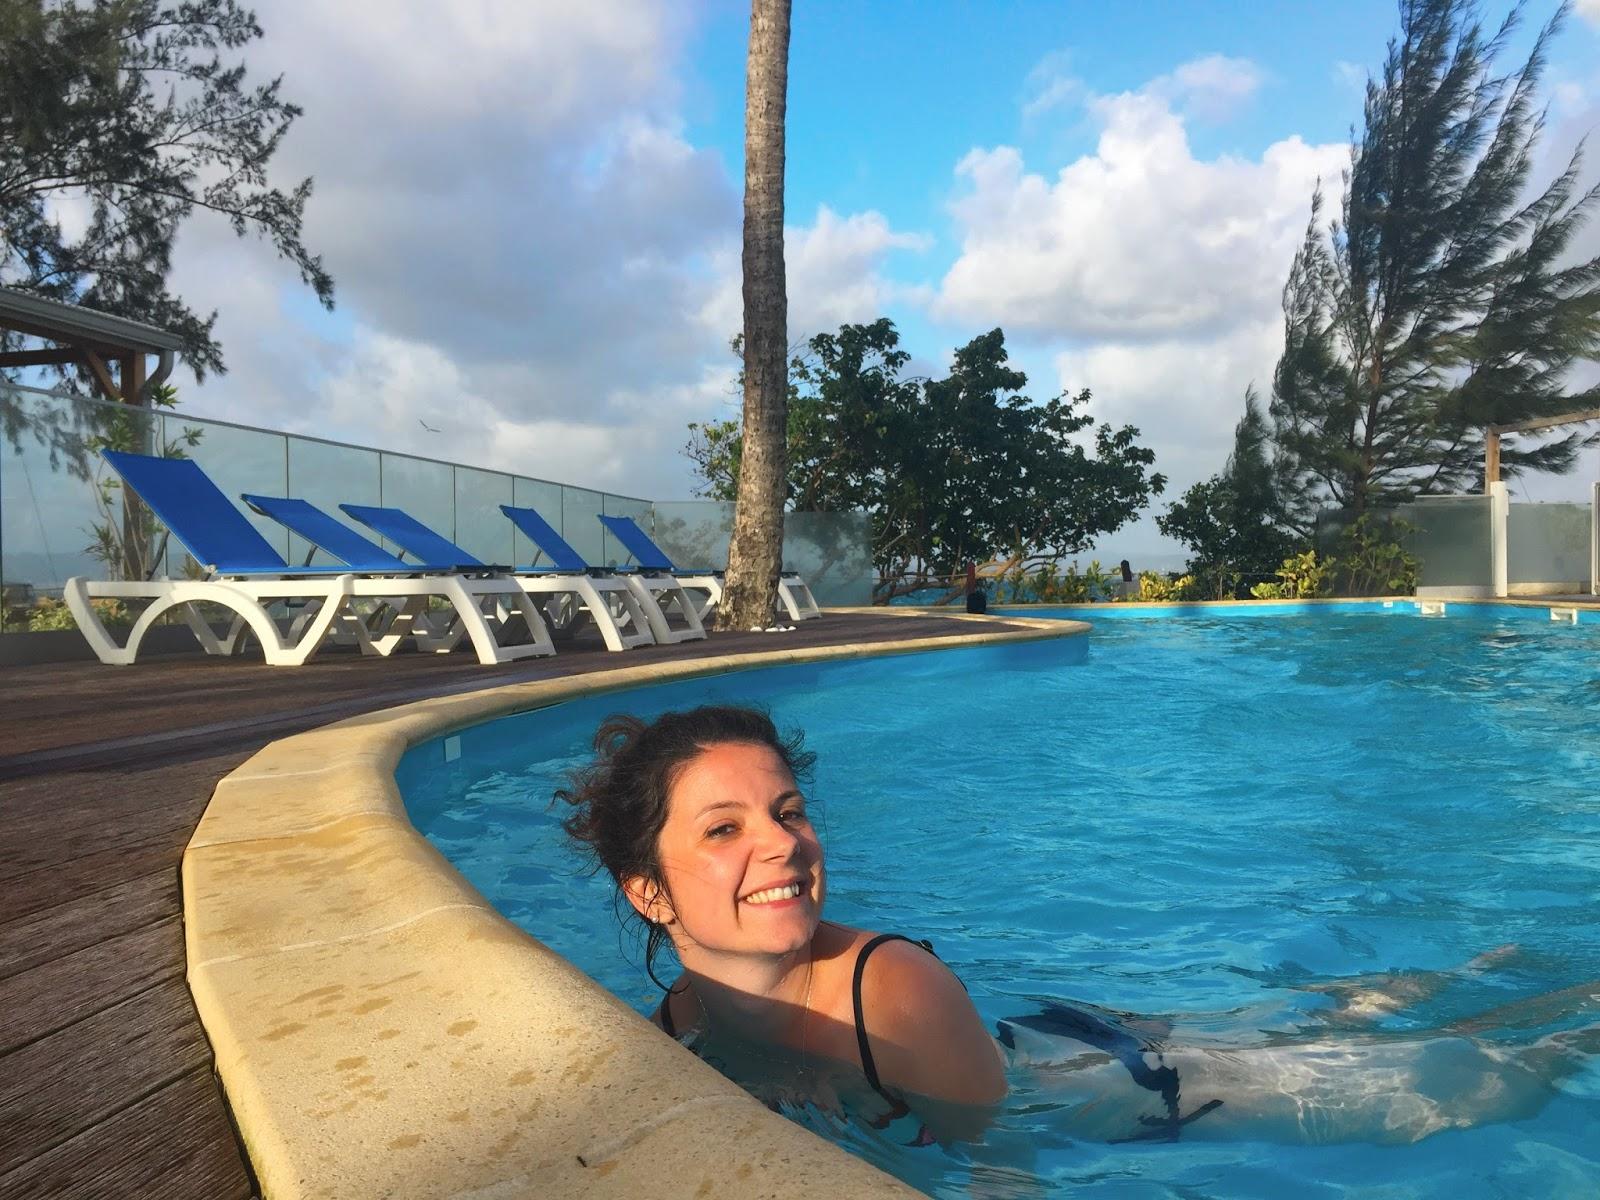 martinique caraibes vacances île dom tom visite hotel carayou look voyage piscine 3 îlets pointe du bout